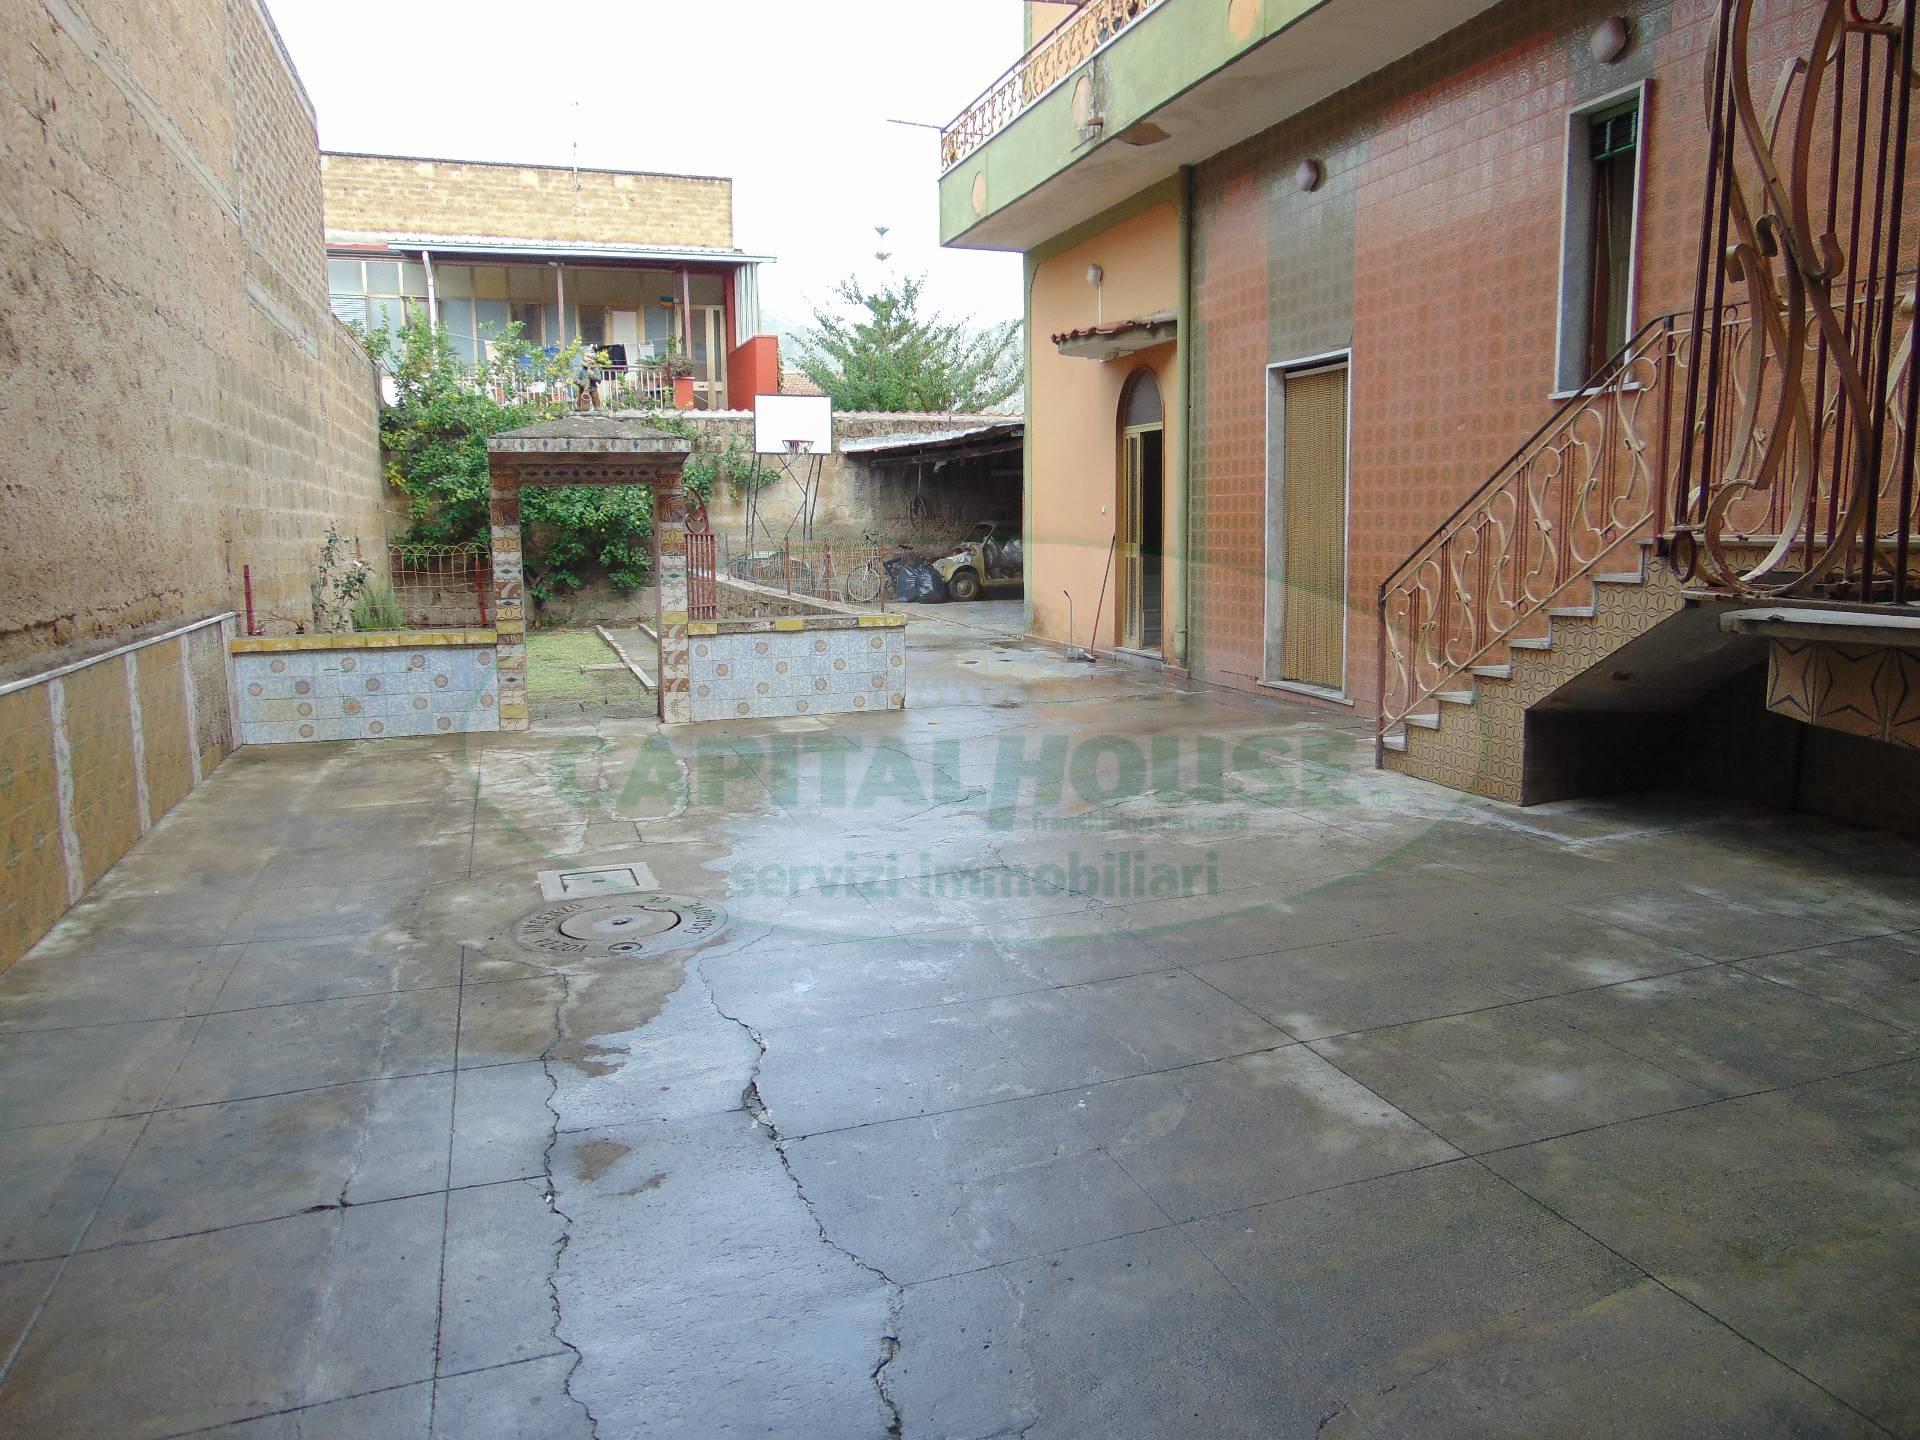 Soluzione Indipendente in vendita a San Prisco, 8 locali, zona Località: ZonaCentrale, prezzo € 145.000 | CambioCasa.it